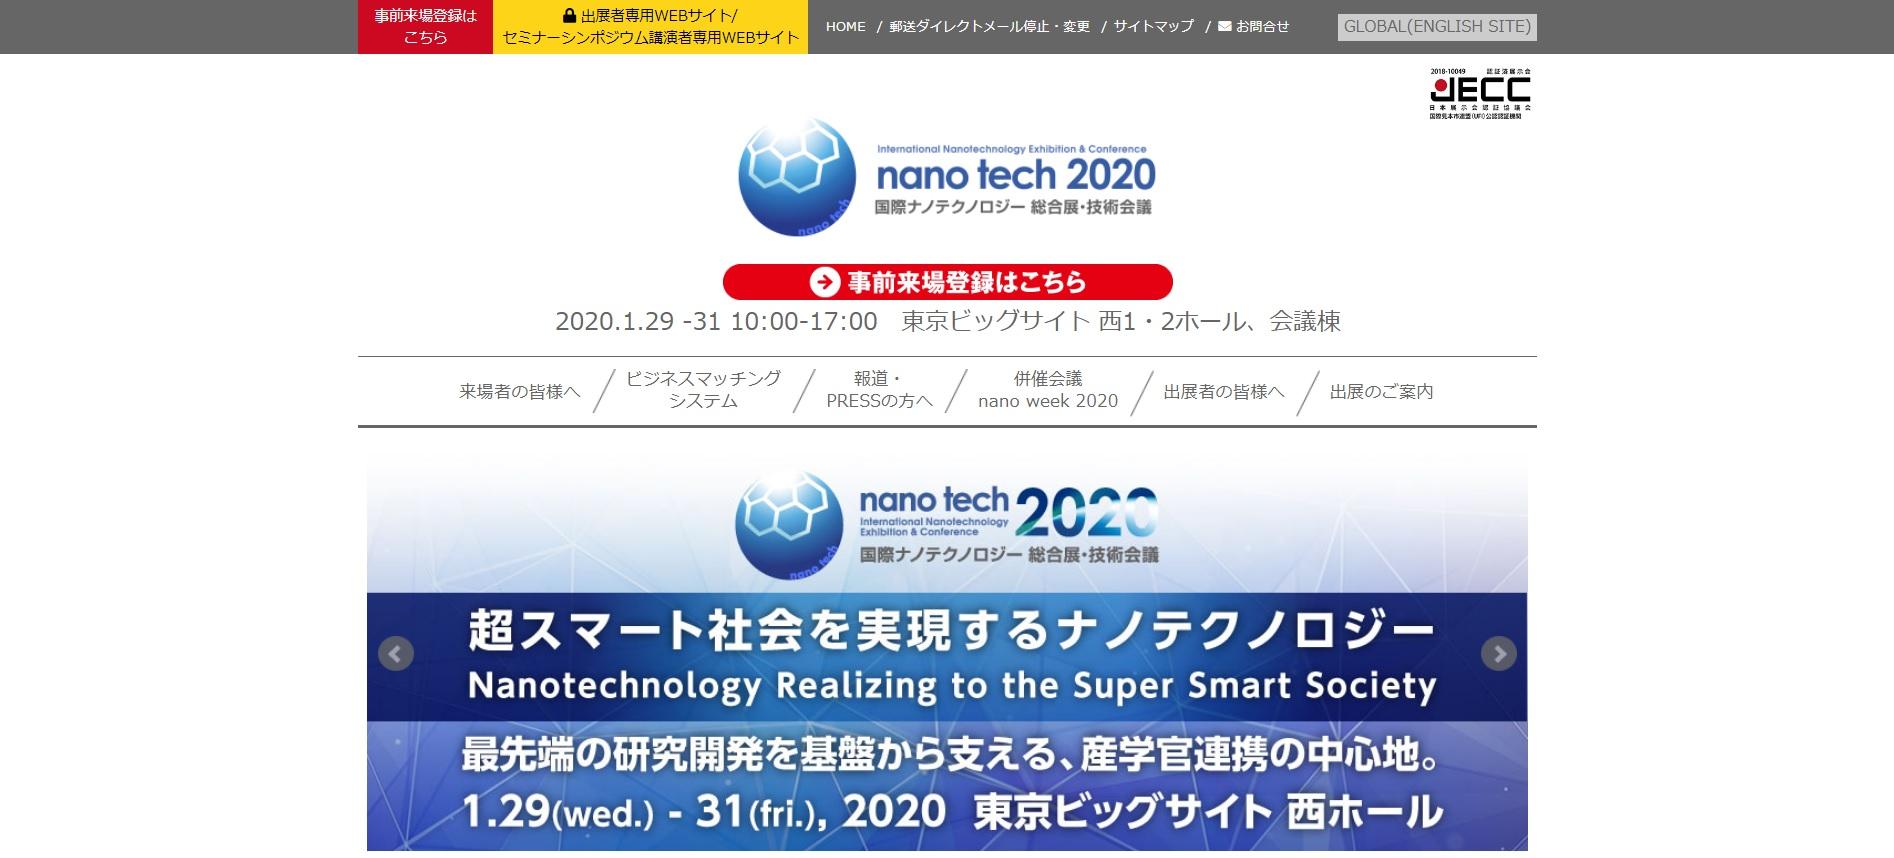 ナノテック2020公式ページ画像